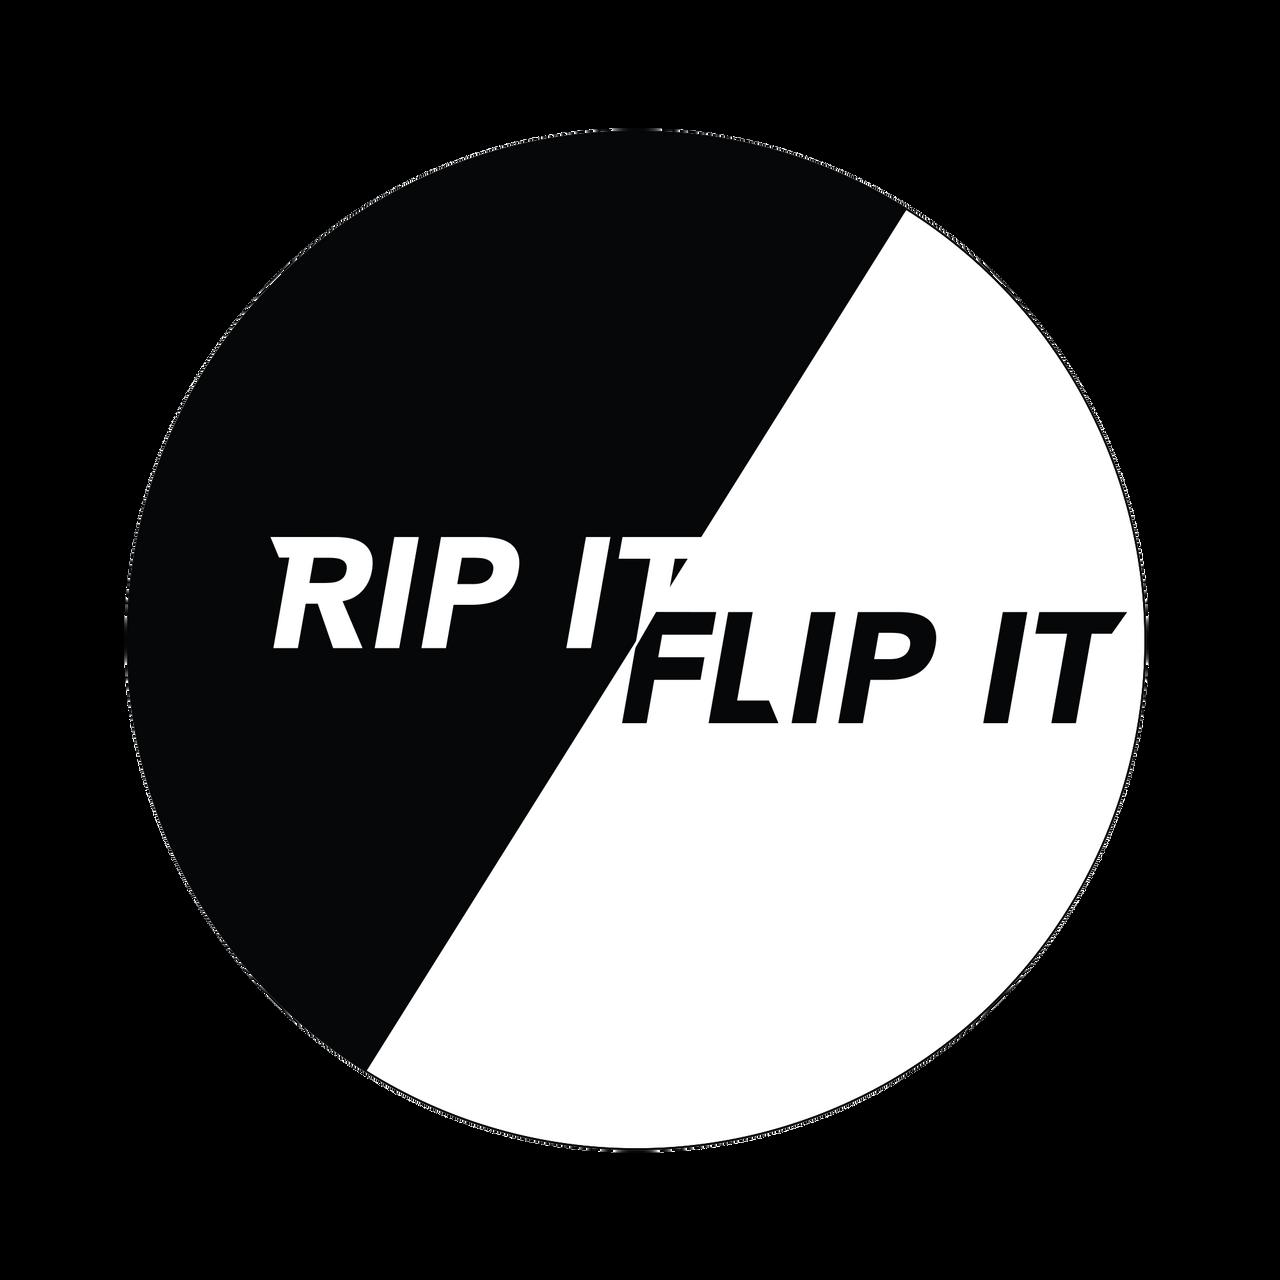 Rip It And Flip It Knob Sticker